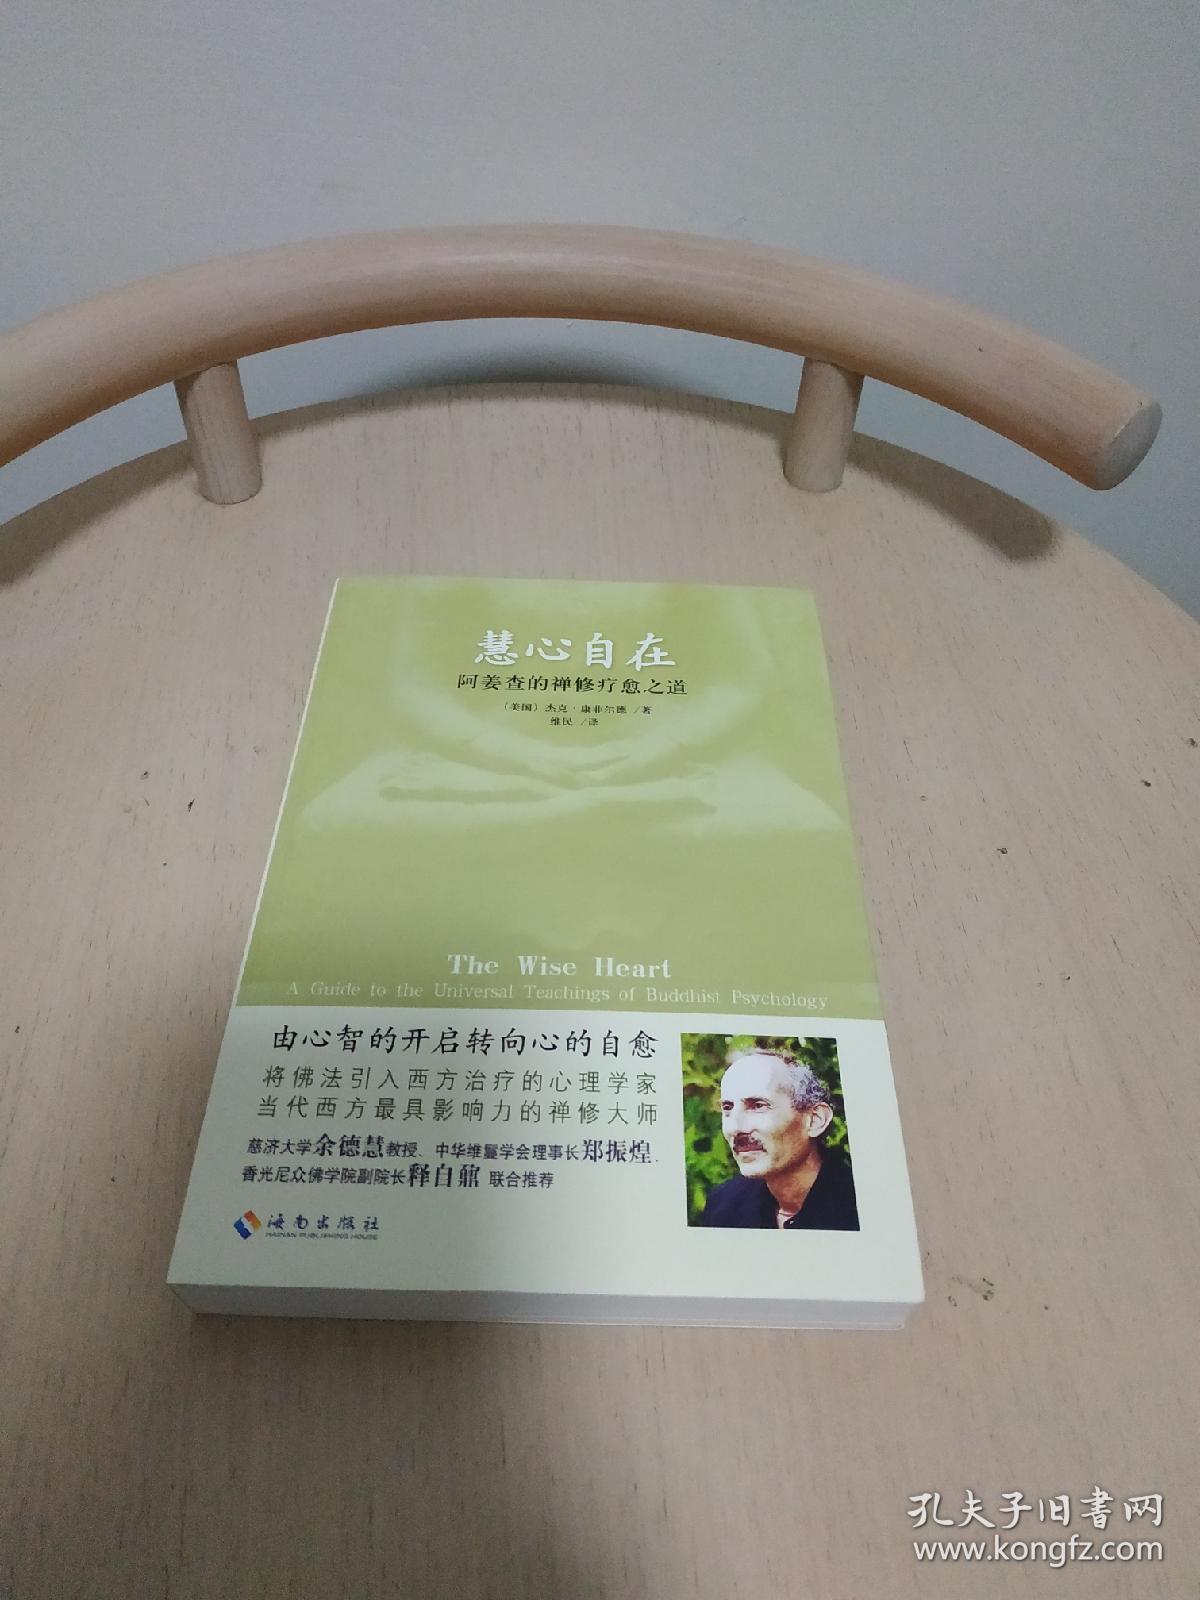 慧心自在:阿姜查的禅修疗愈之道